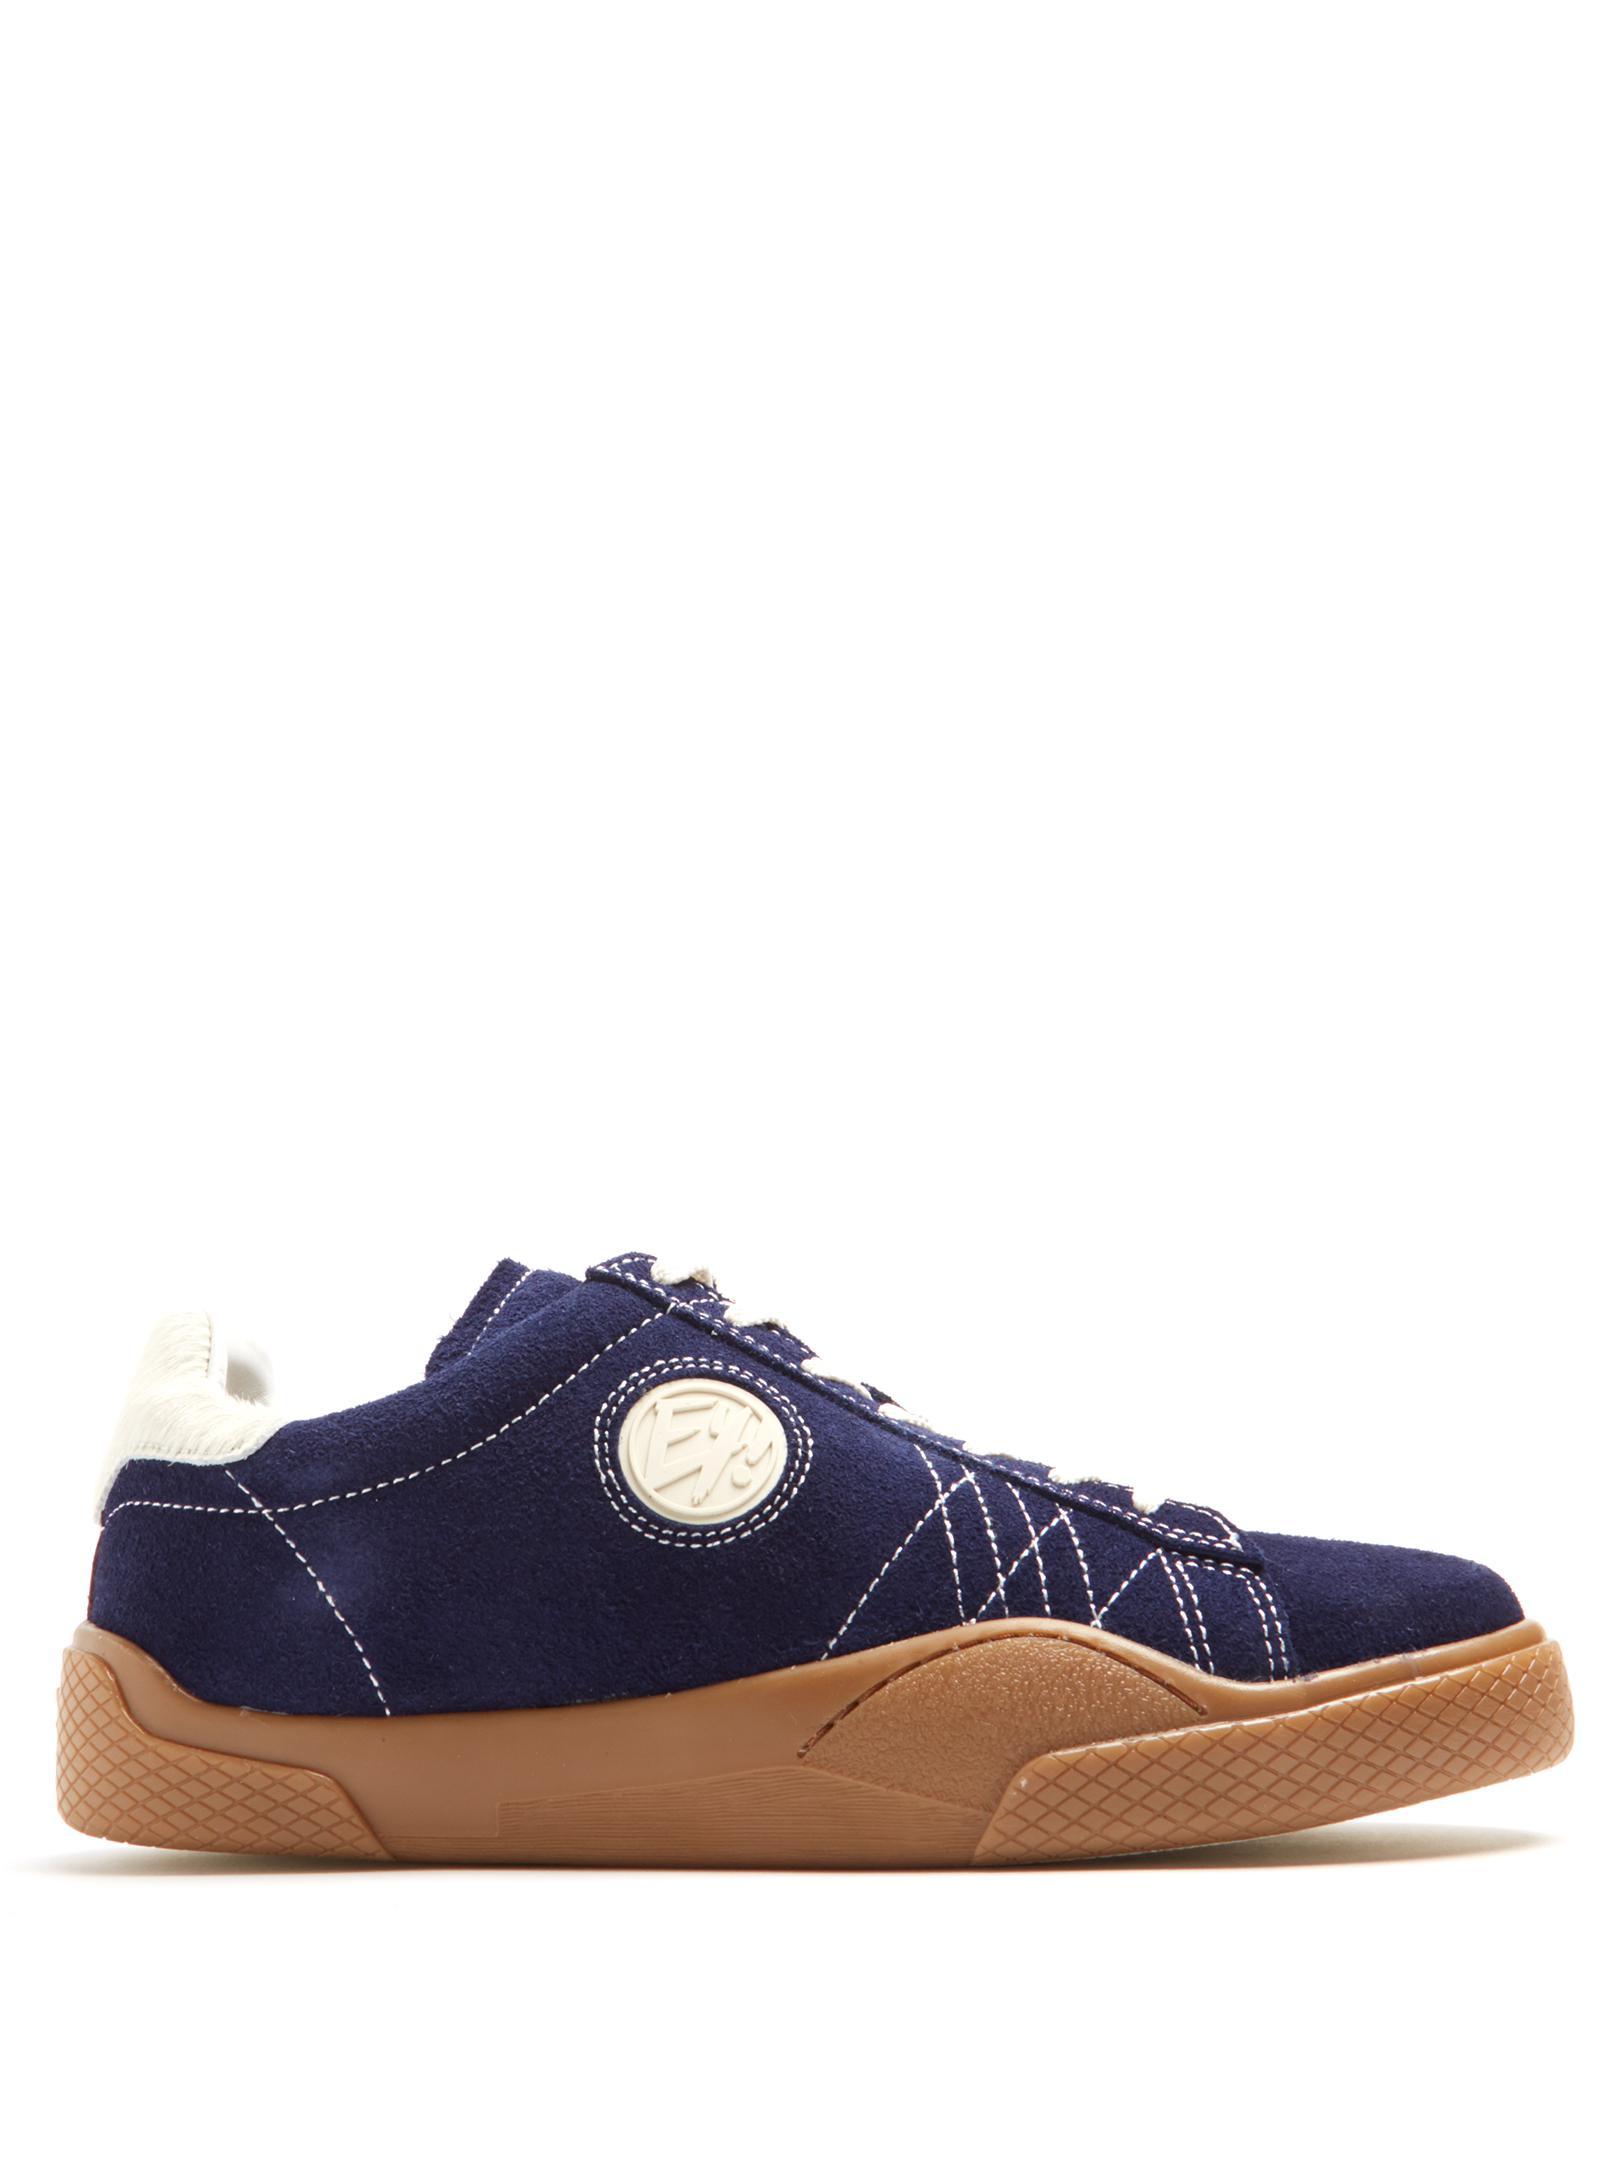 discount wholesale price Eytys Suede Wave Low Top Sneakers discount footlocker pictures discount pictures 94YEBEZ